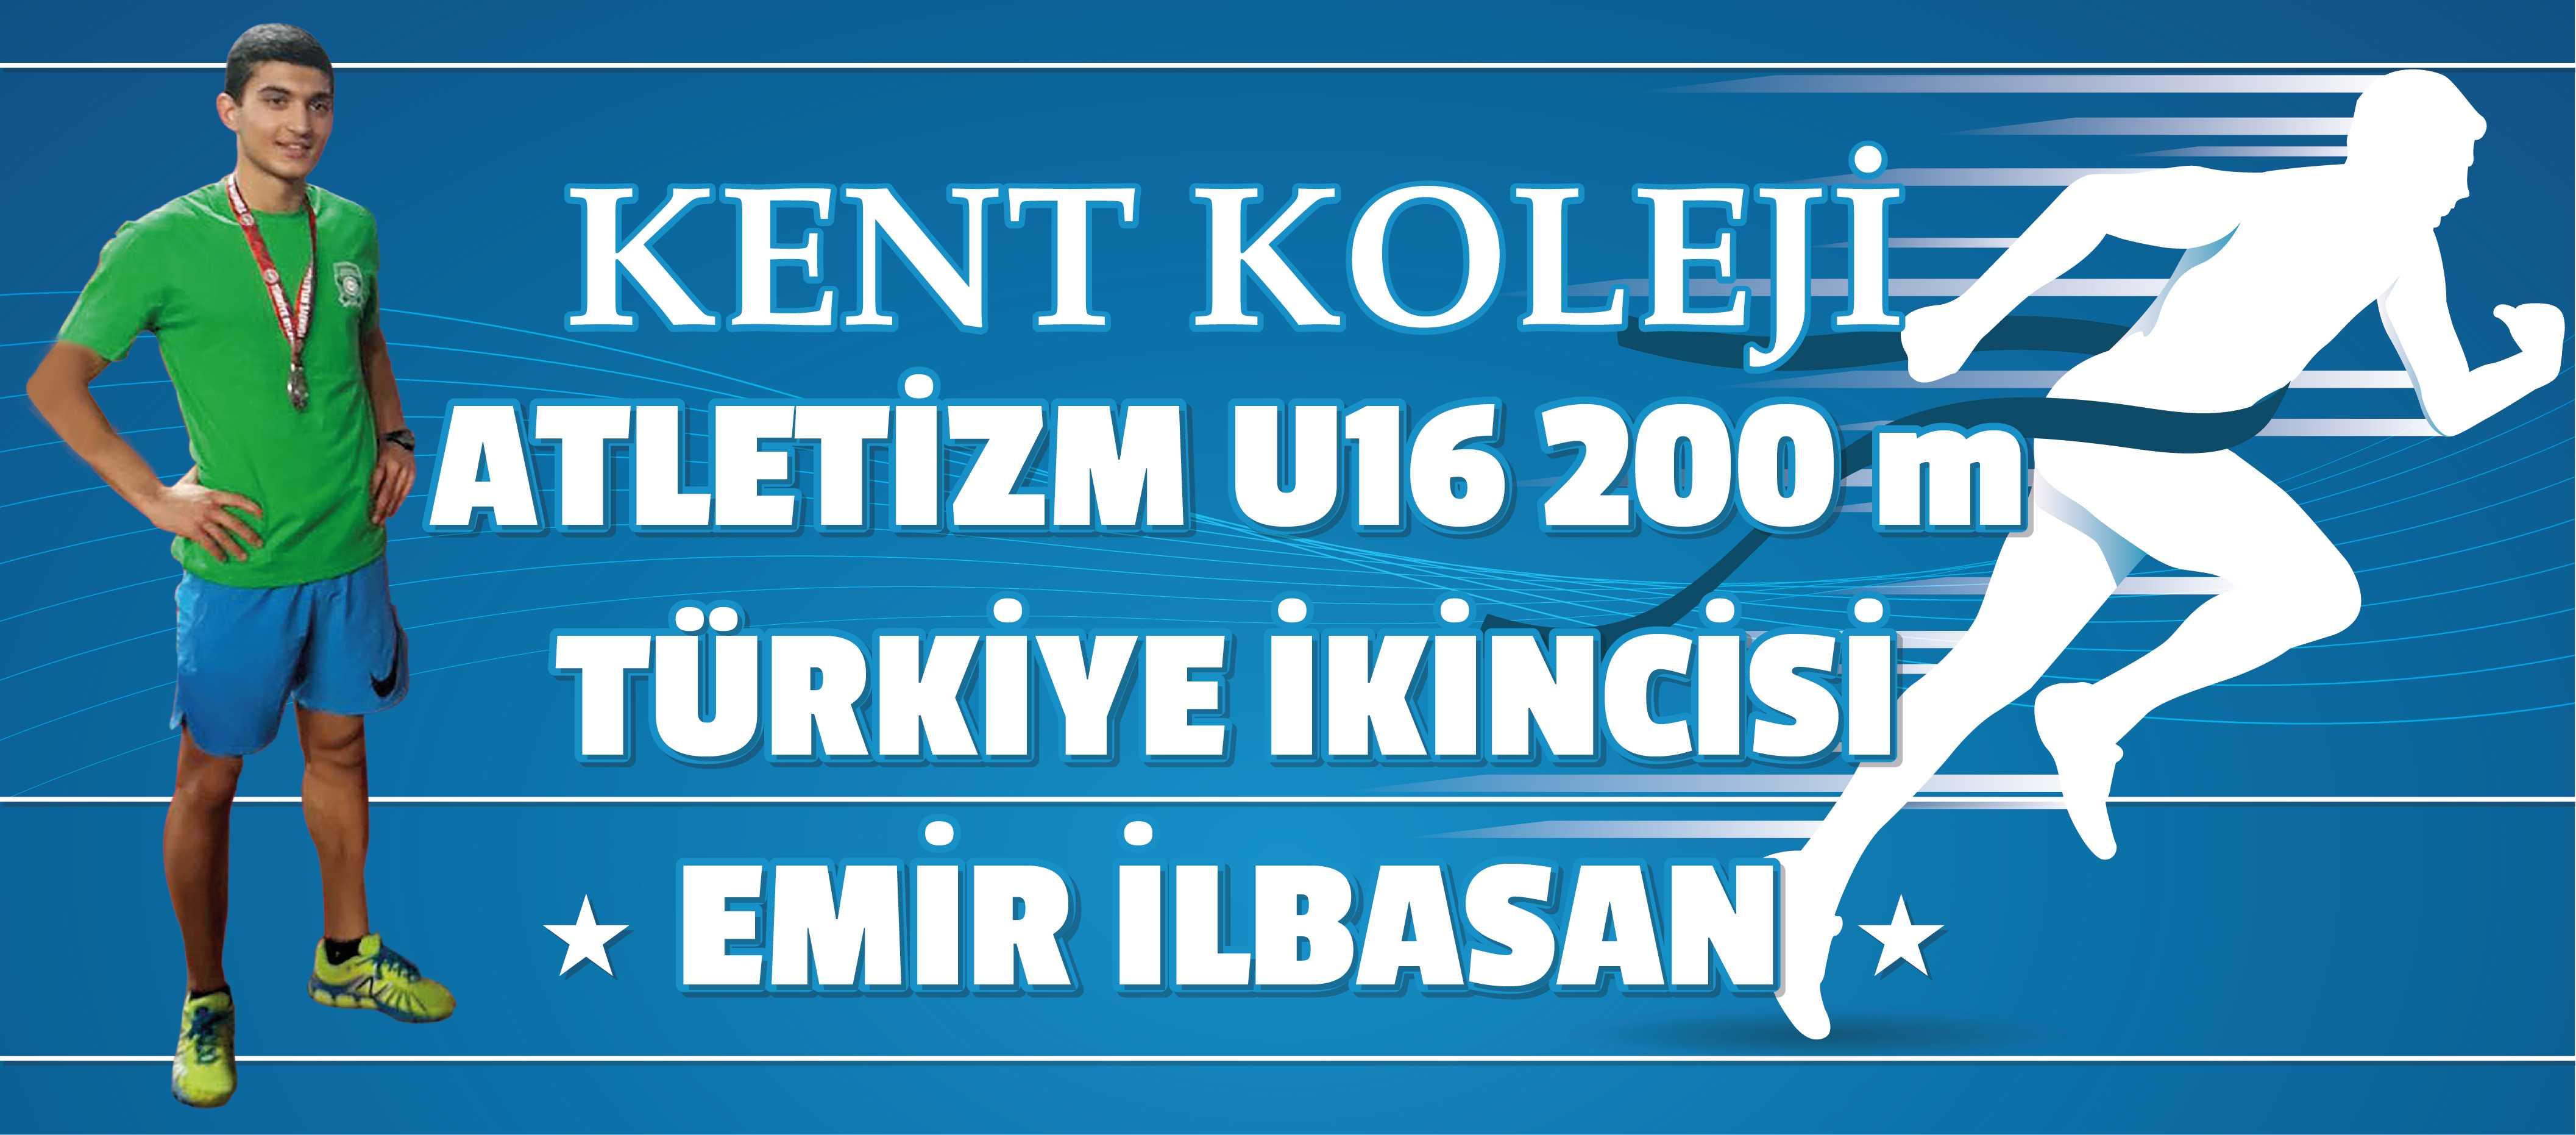 KENT KOLEJİ ÖĞRENCİSİ ATLETİZM DE TÜRKİYE 2. Sİ !